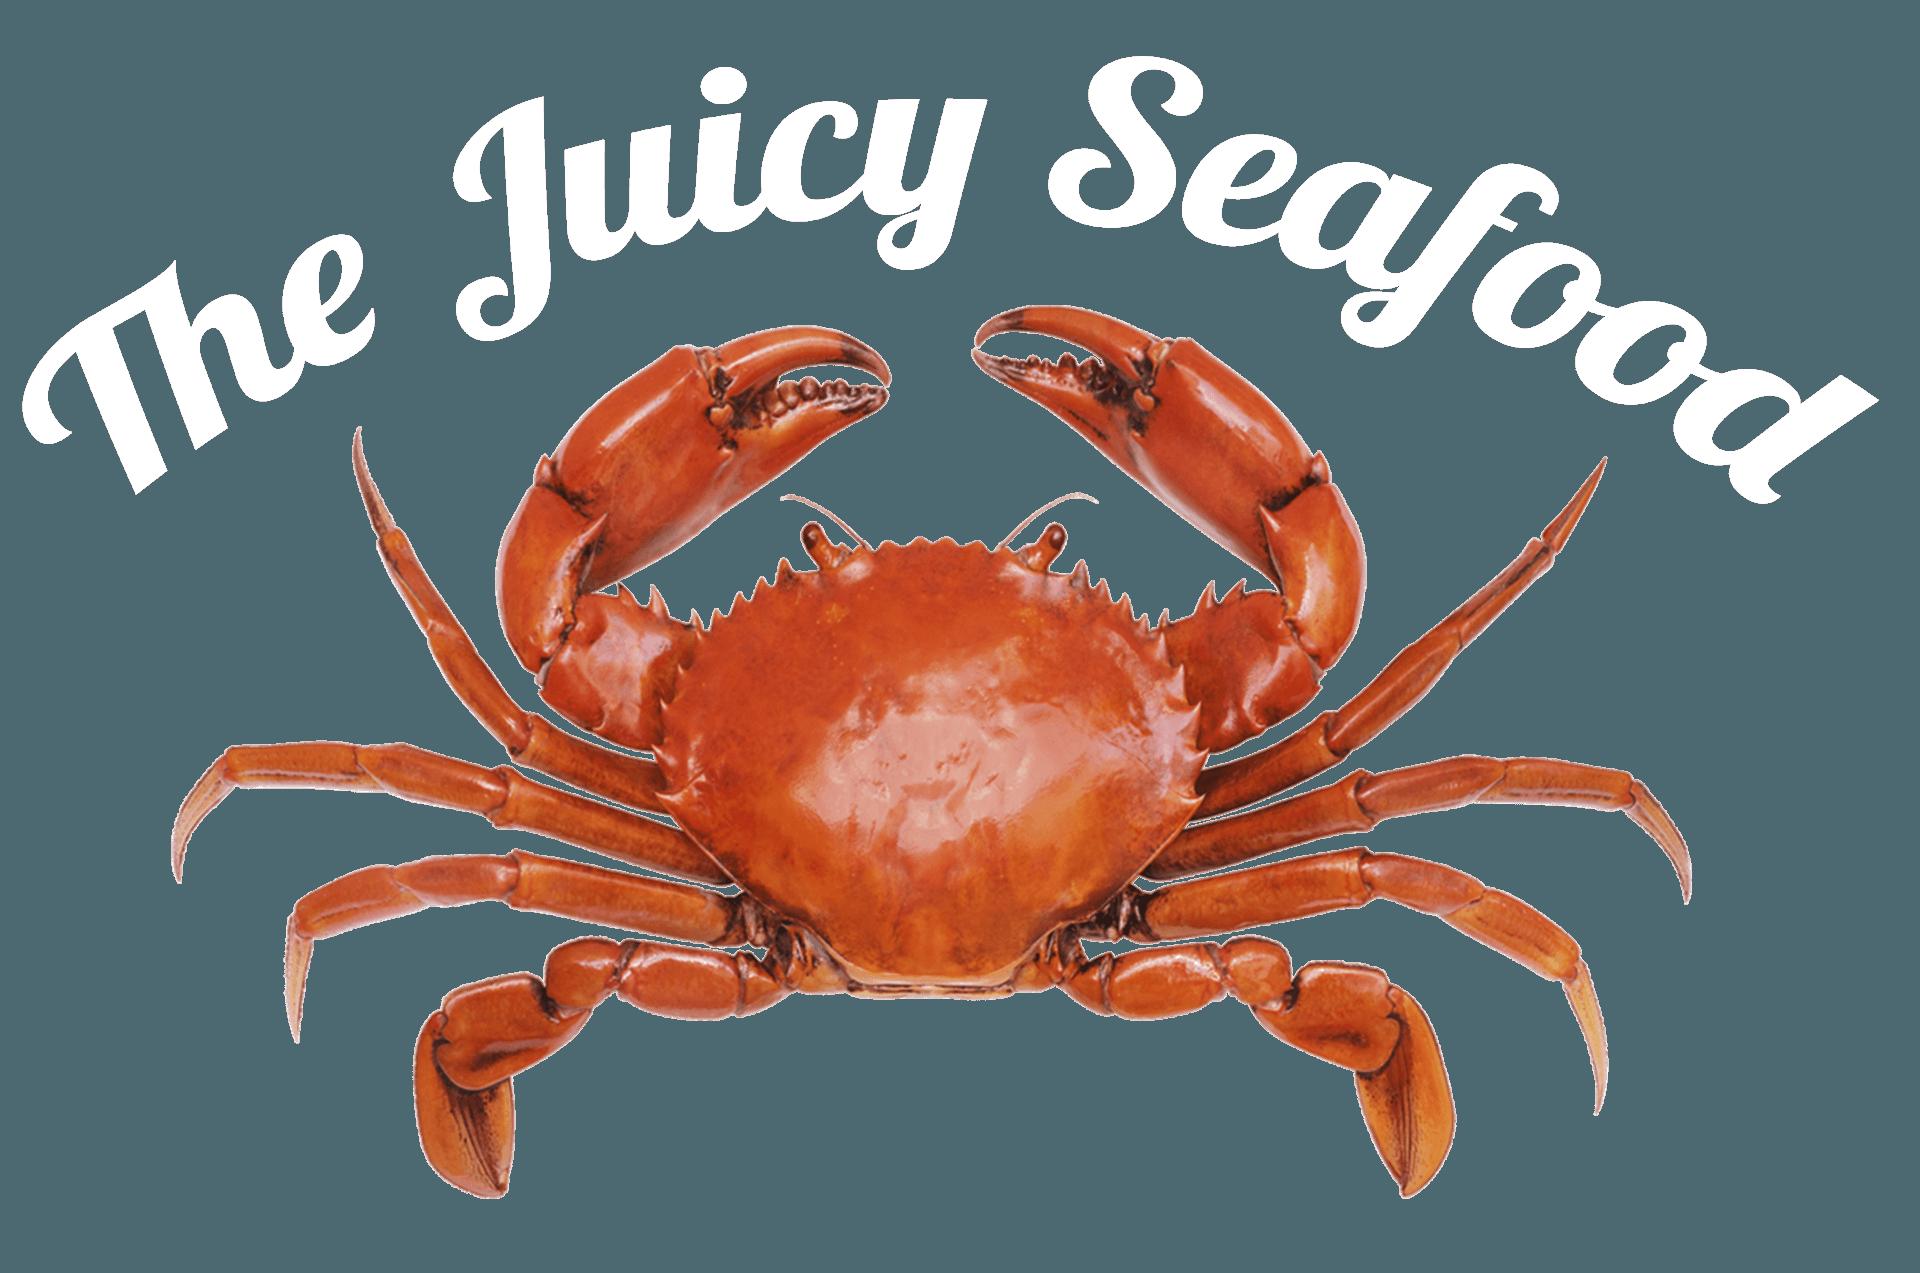 Crabs seafood restaurant